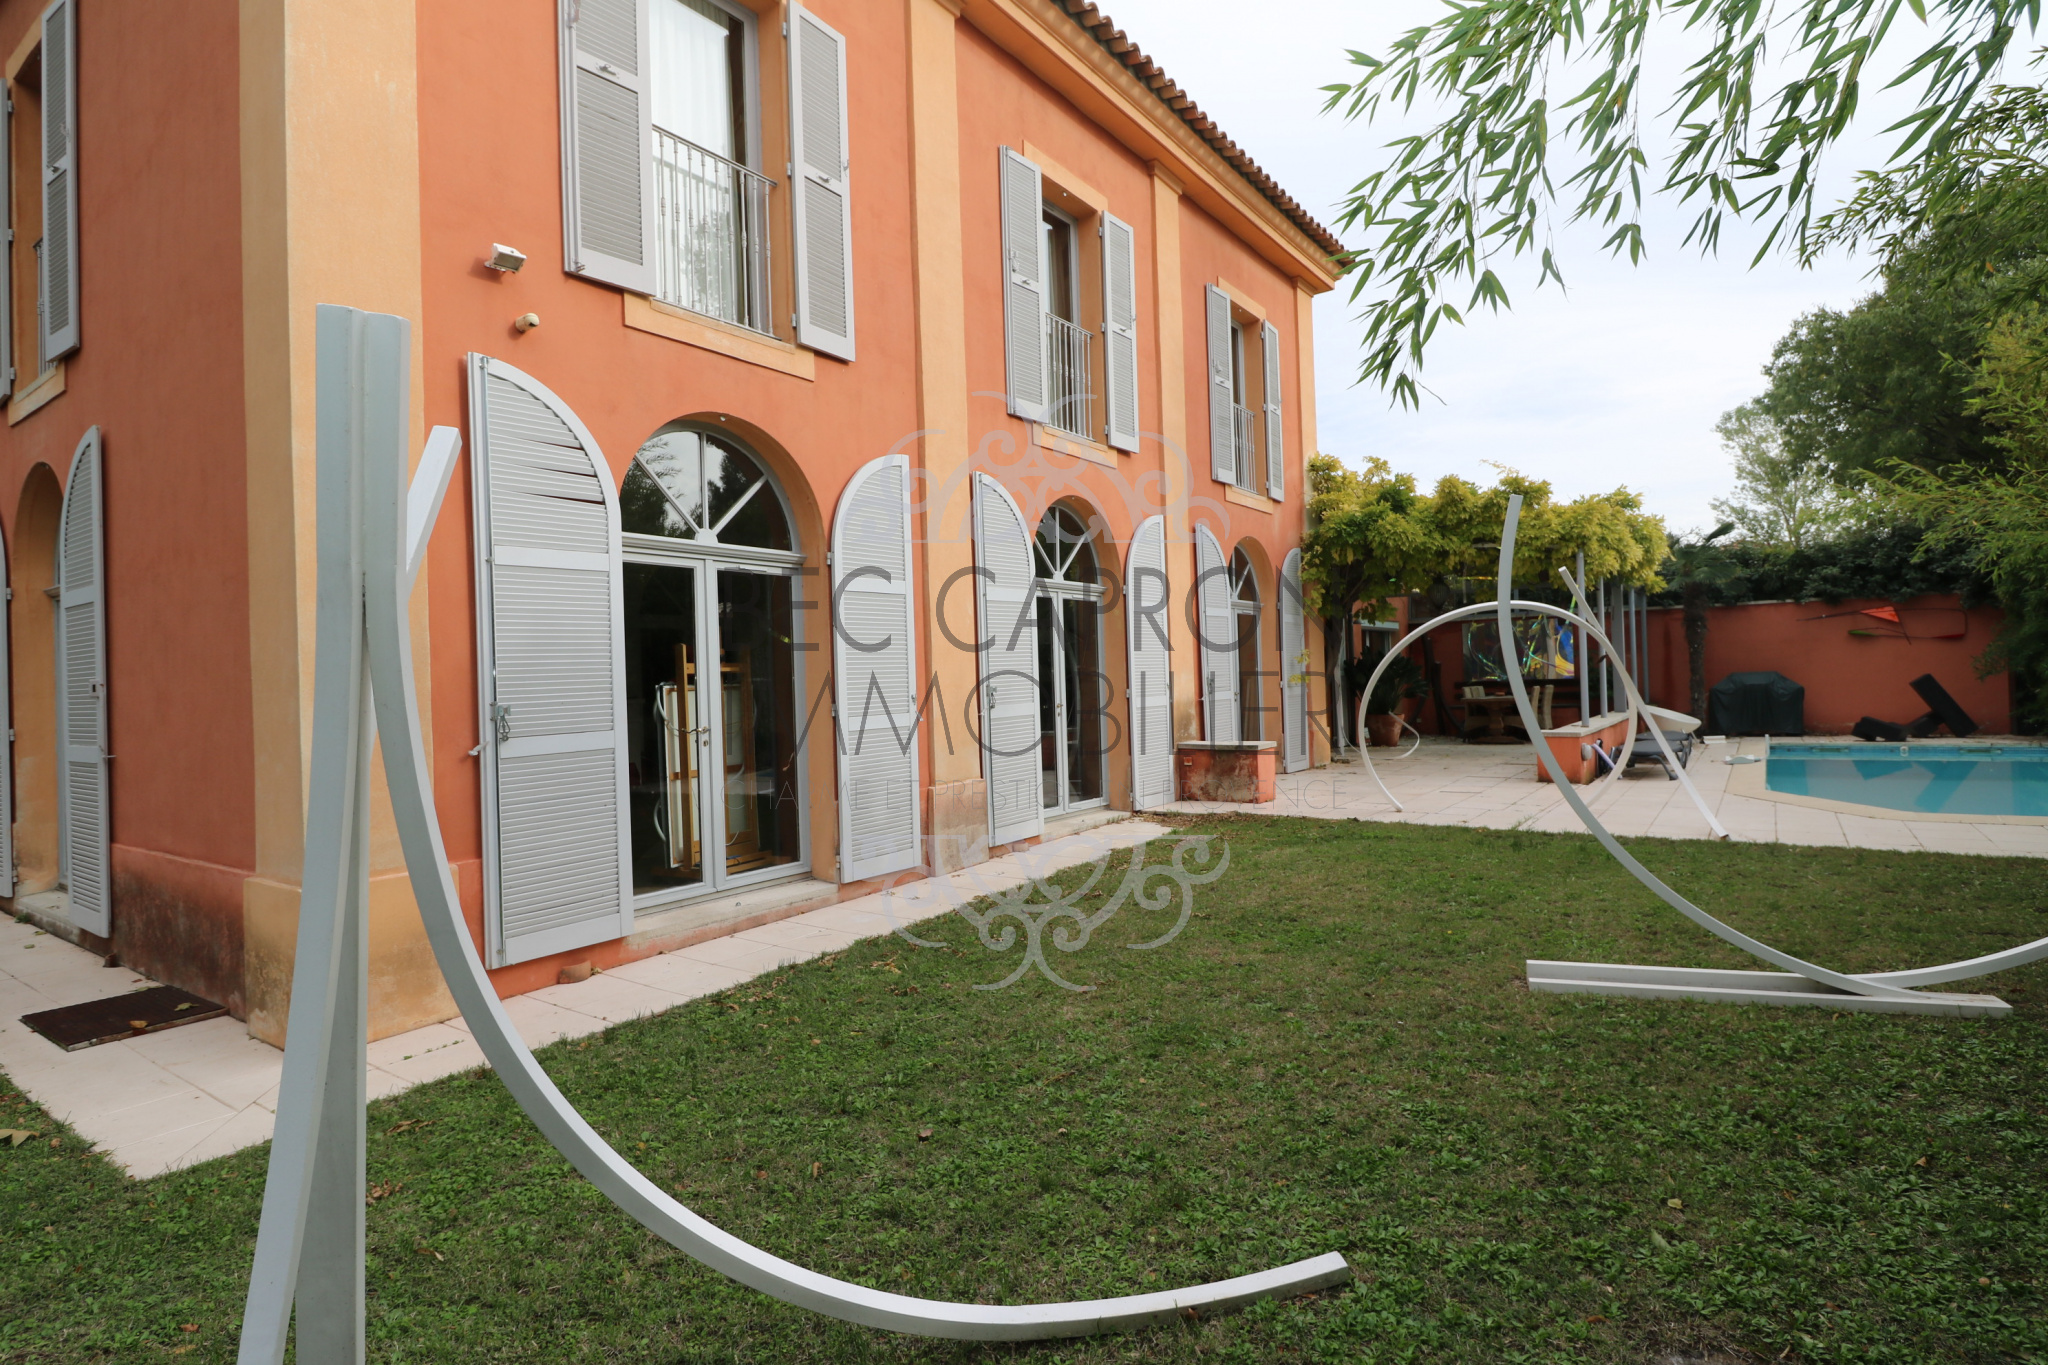 Vente A Vendre Aix En Provence Centre Ville A Pieds Agence Bec Capron